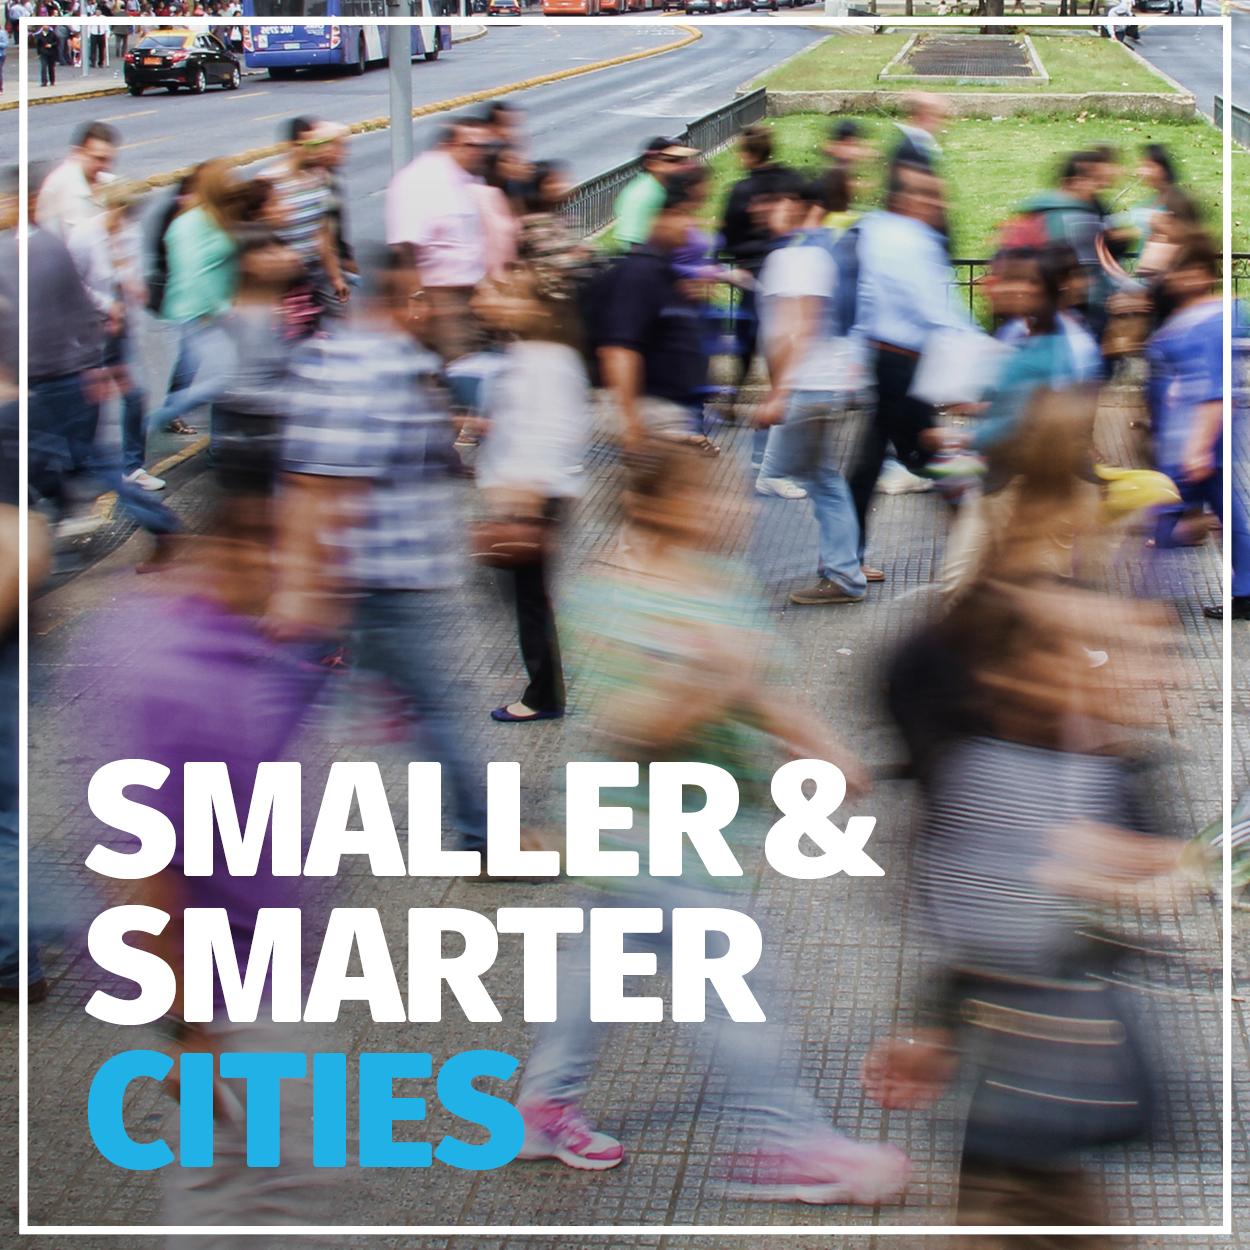 Smaller & Smarter Cities